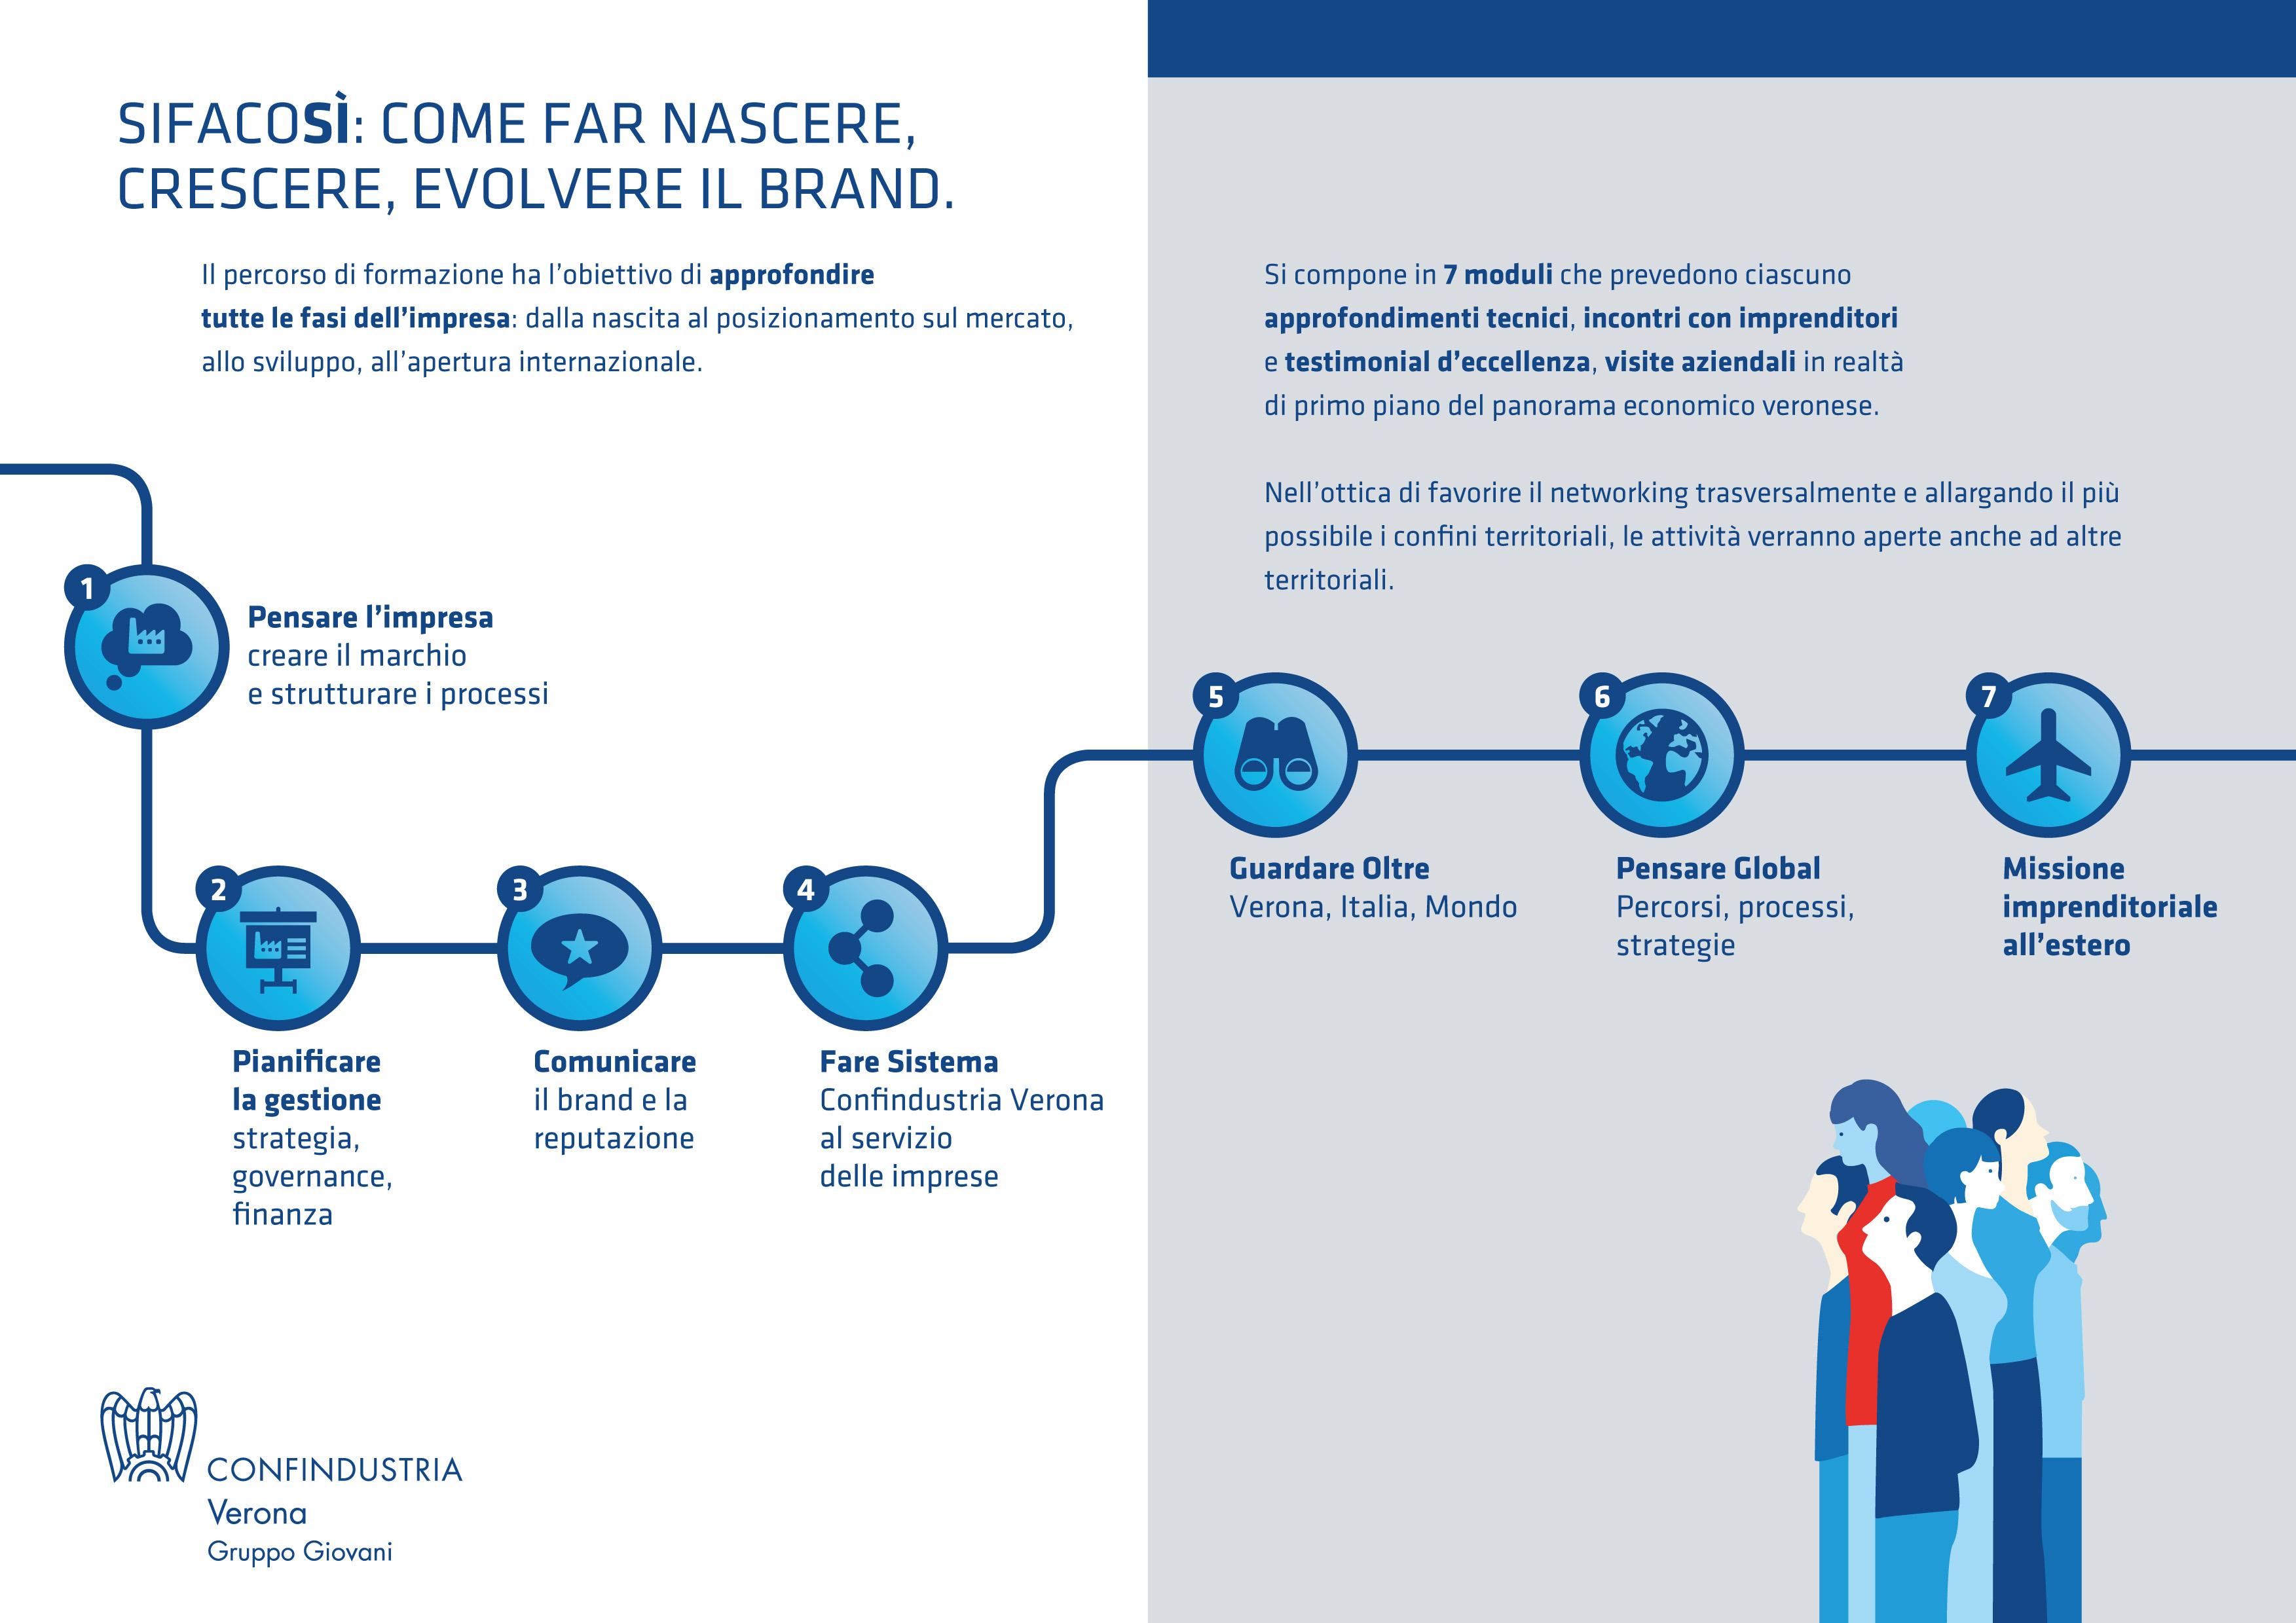 SIFACOSI Presentazione Generale.pdf